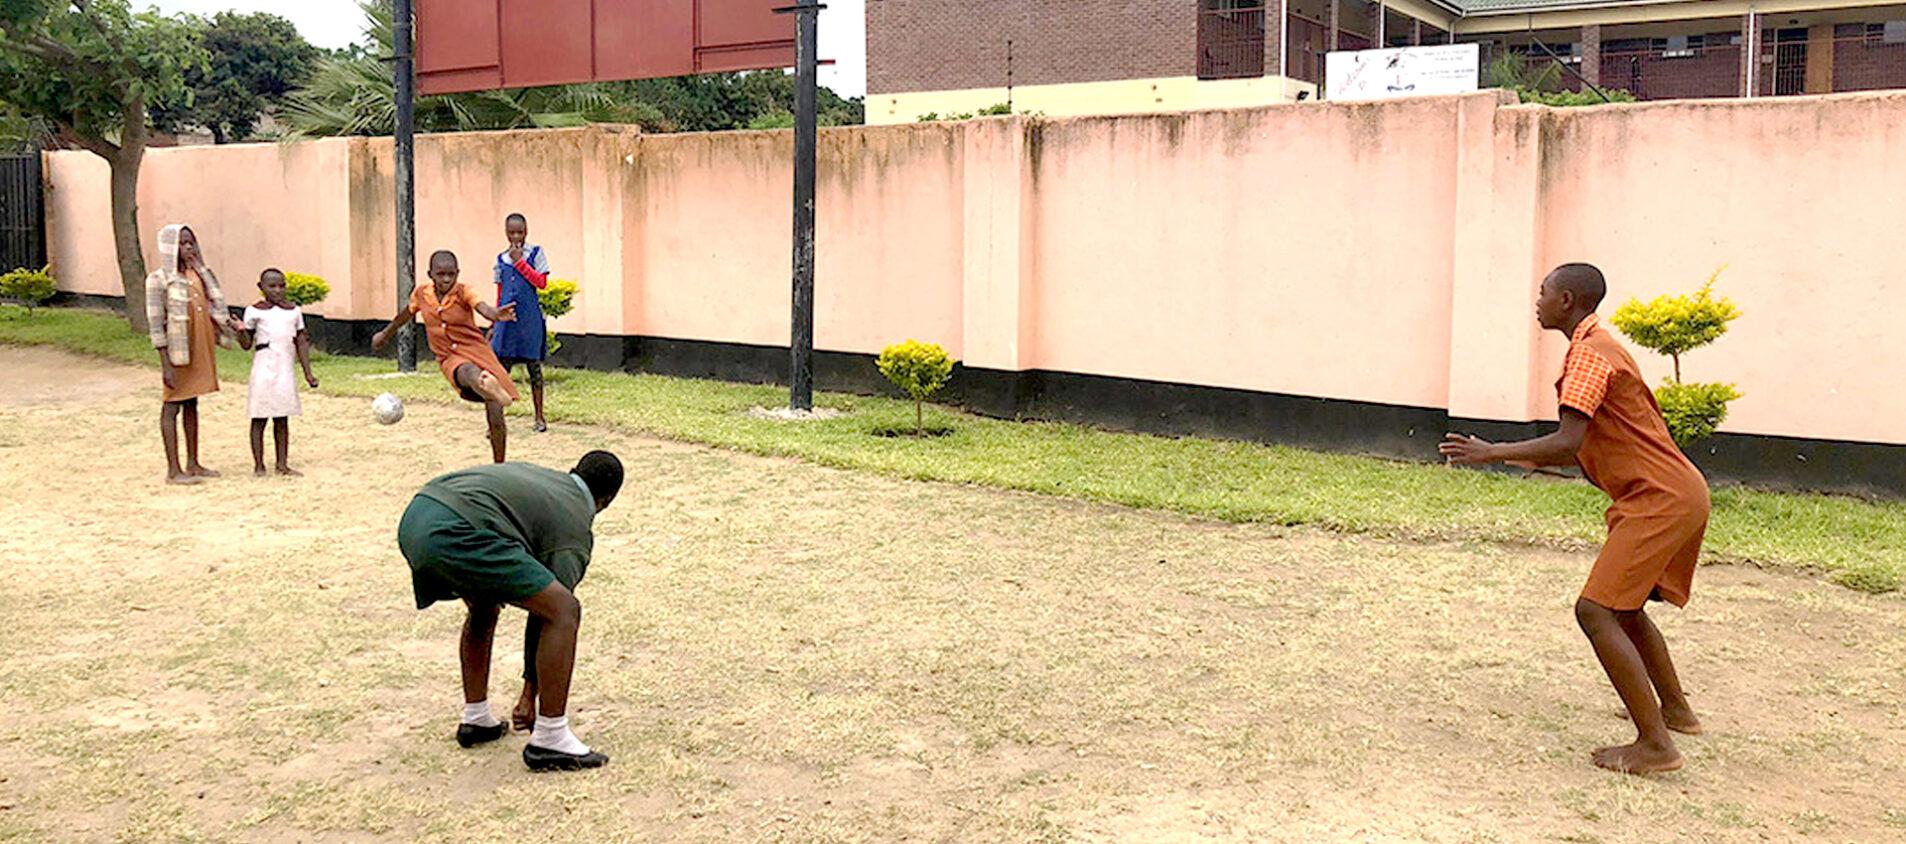 På rasten spelar Takudzwa fotboll med sina klasskamrater.